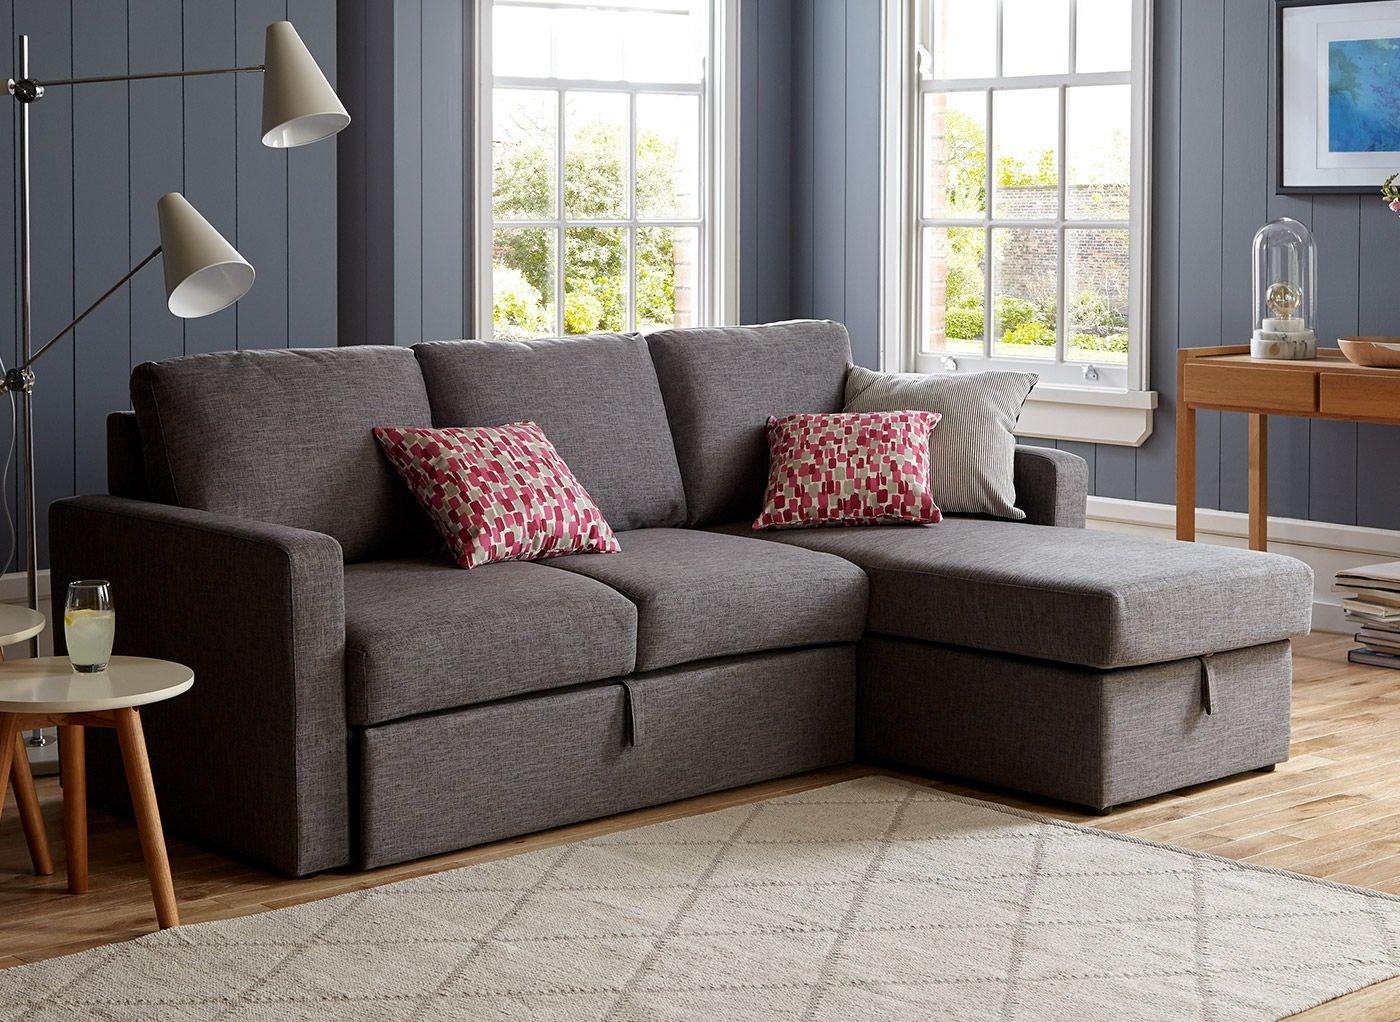 sofa sofa madden sofa bed | dreams RKIWVNY